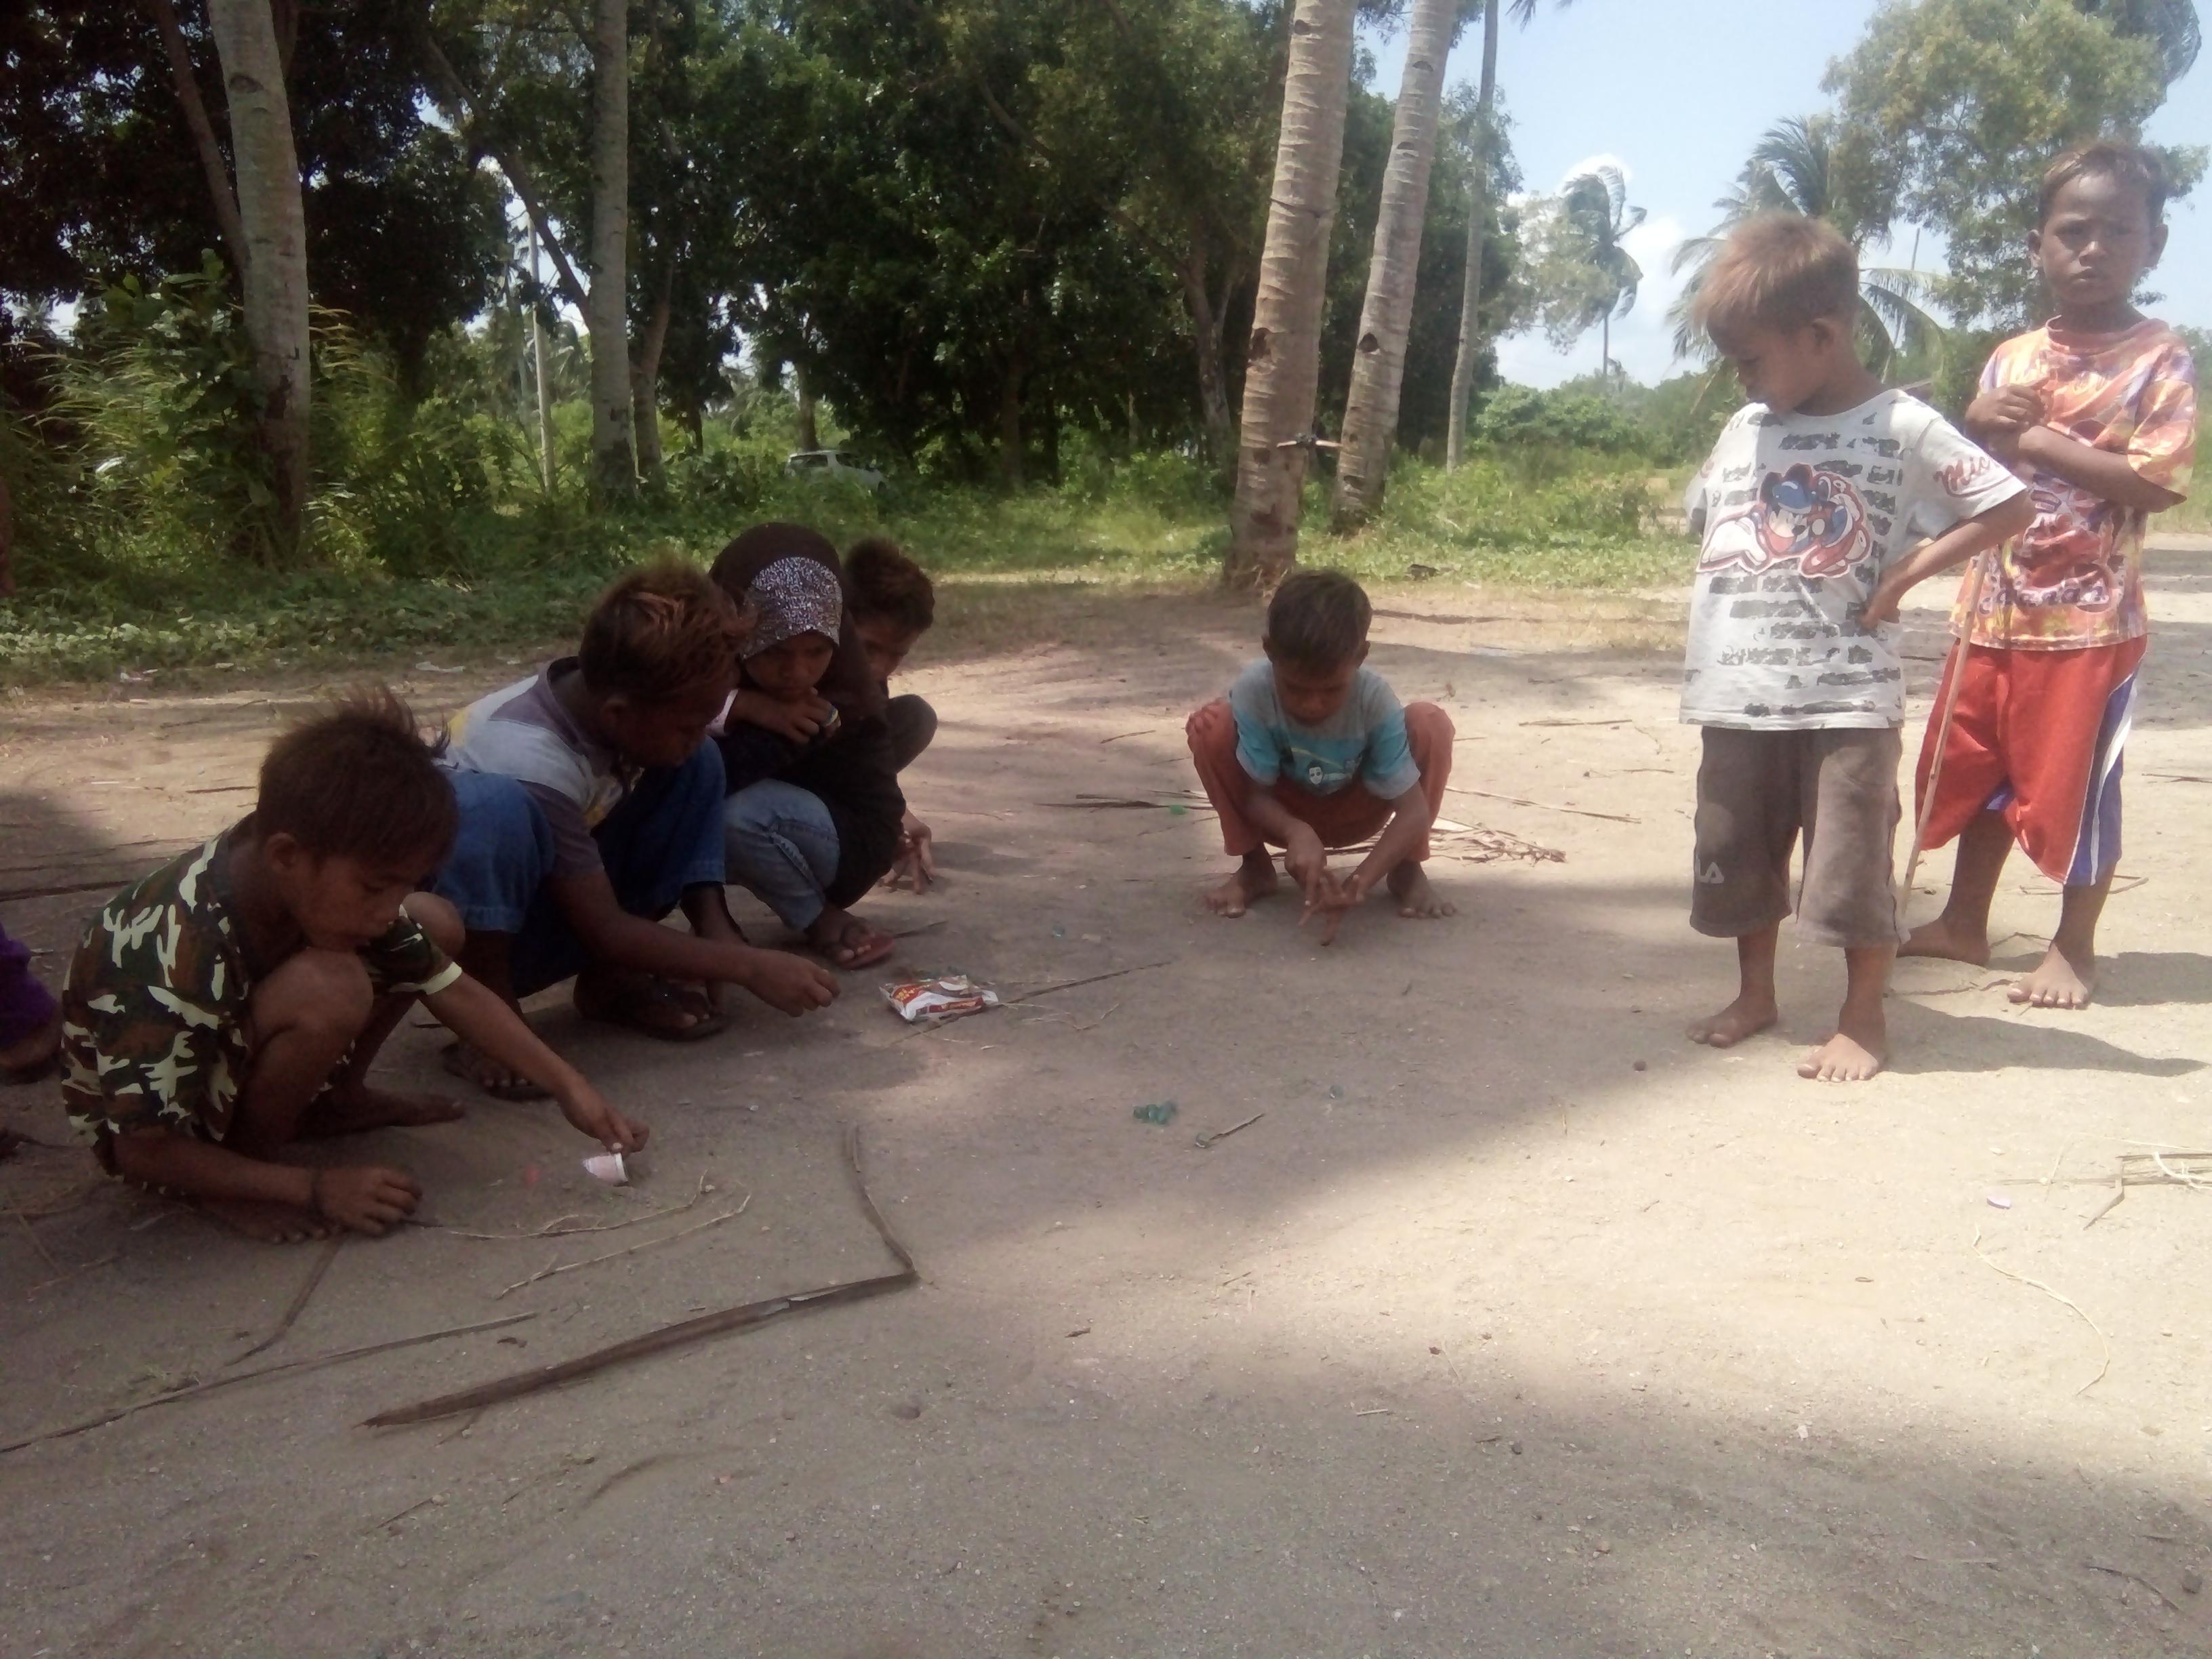 Anak Anak Kawal Pelestari Permainan Tradisional Primetimes